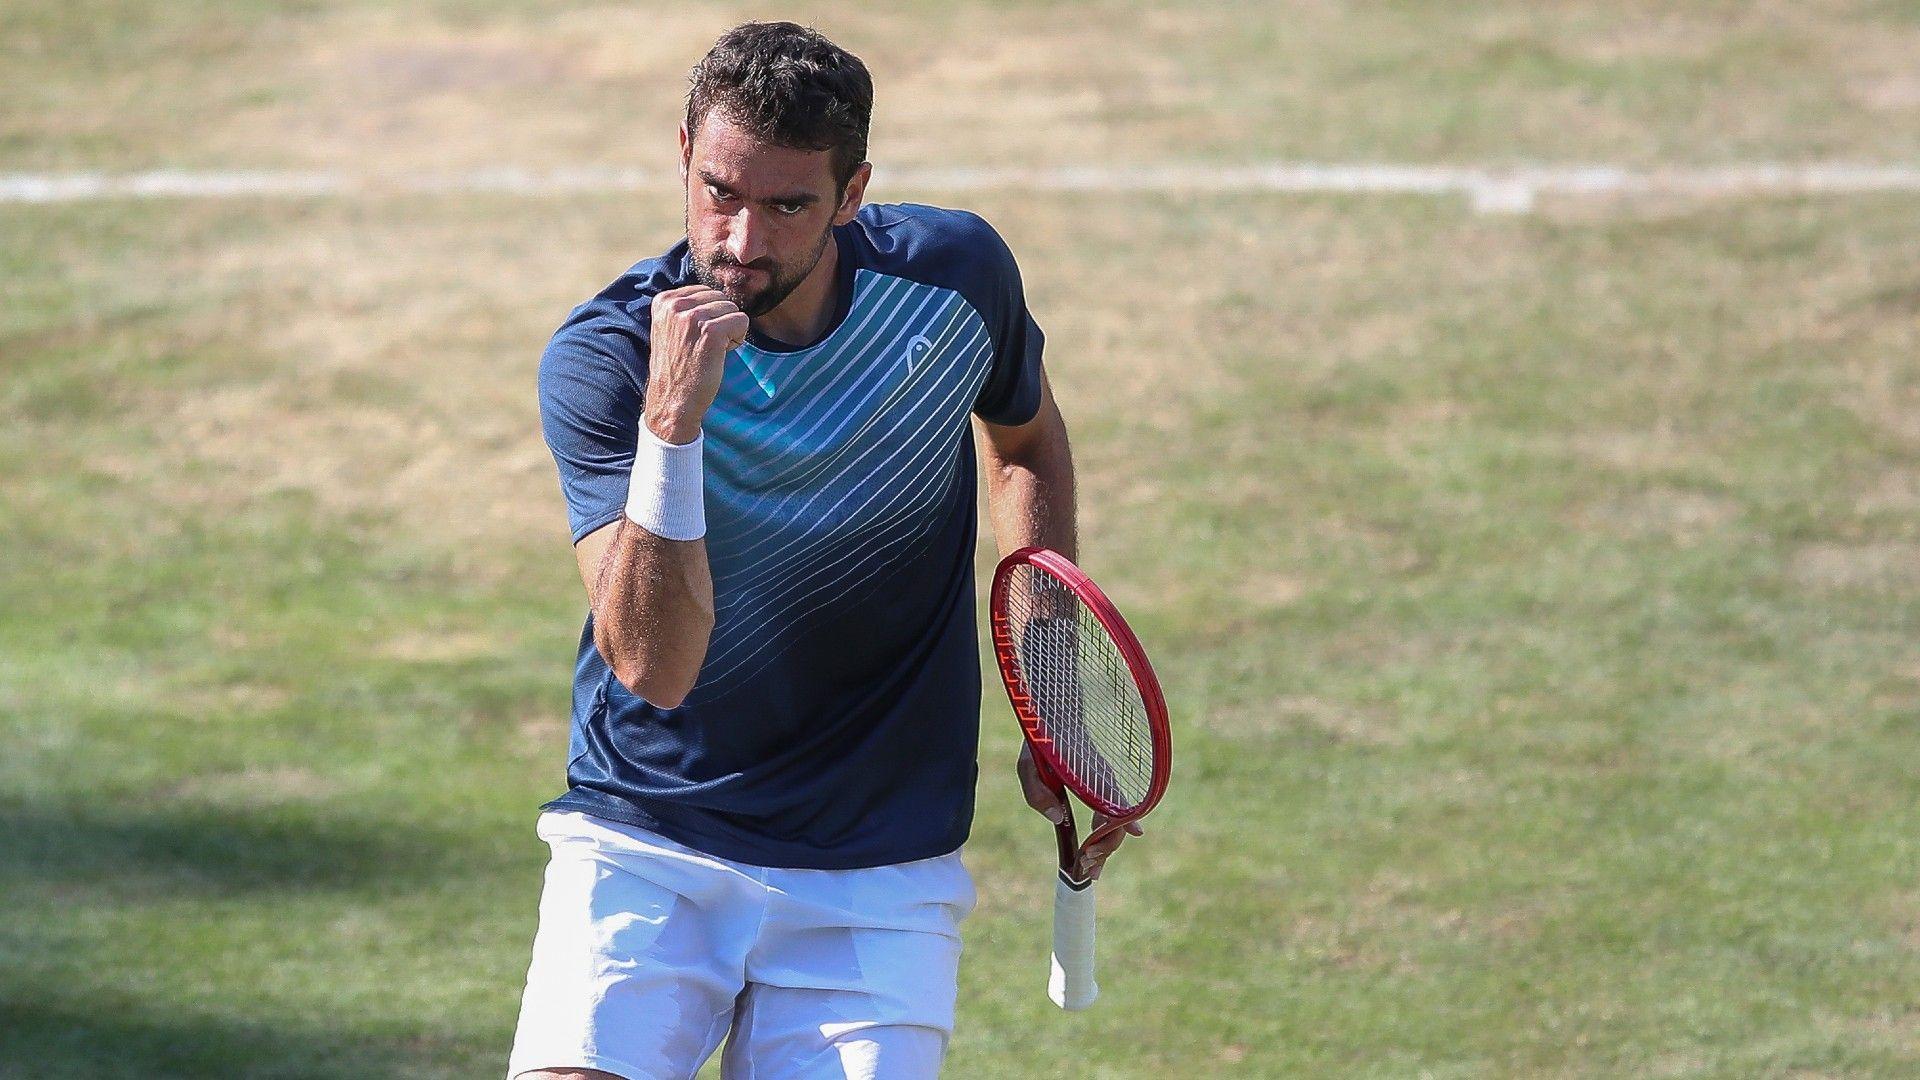 Stuttgart Open 2021: Marin Cilic vs. Jurij Rodionov Tennis Pick and Prediction